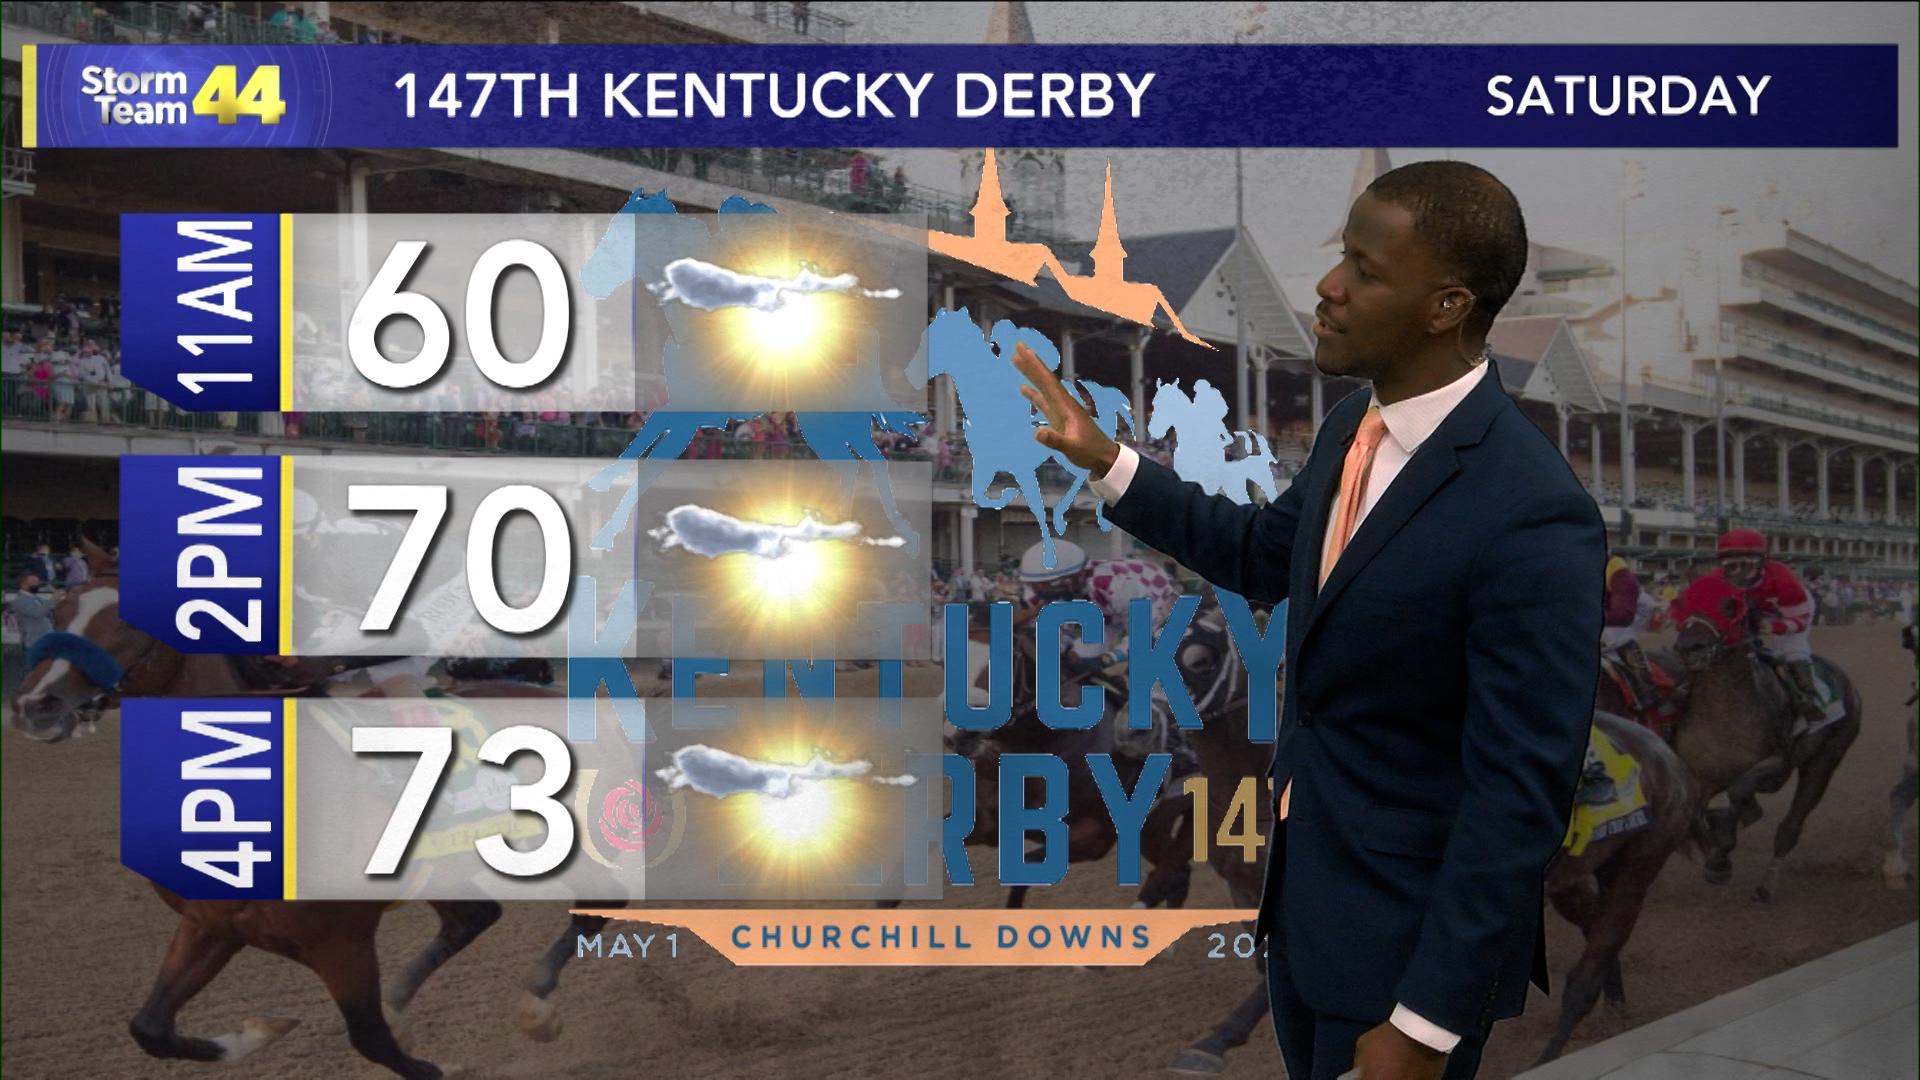 Image for Storm Team 44 Thursday Morning Forecast